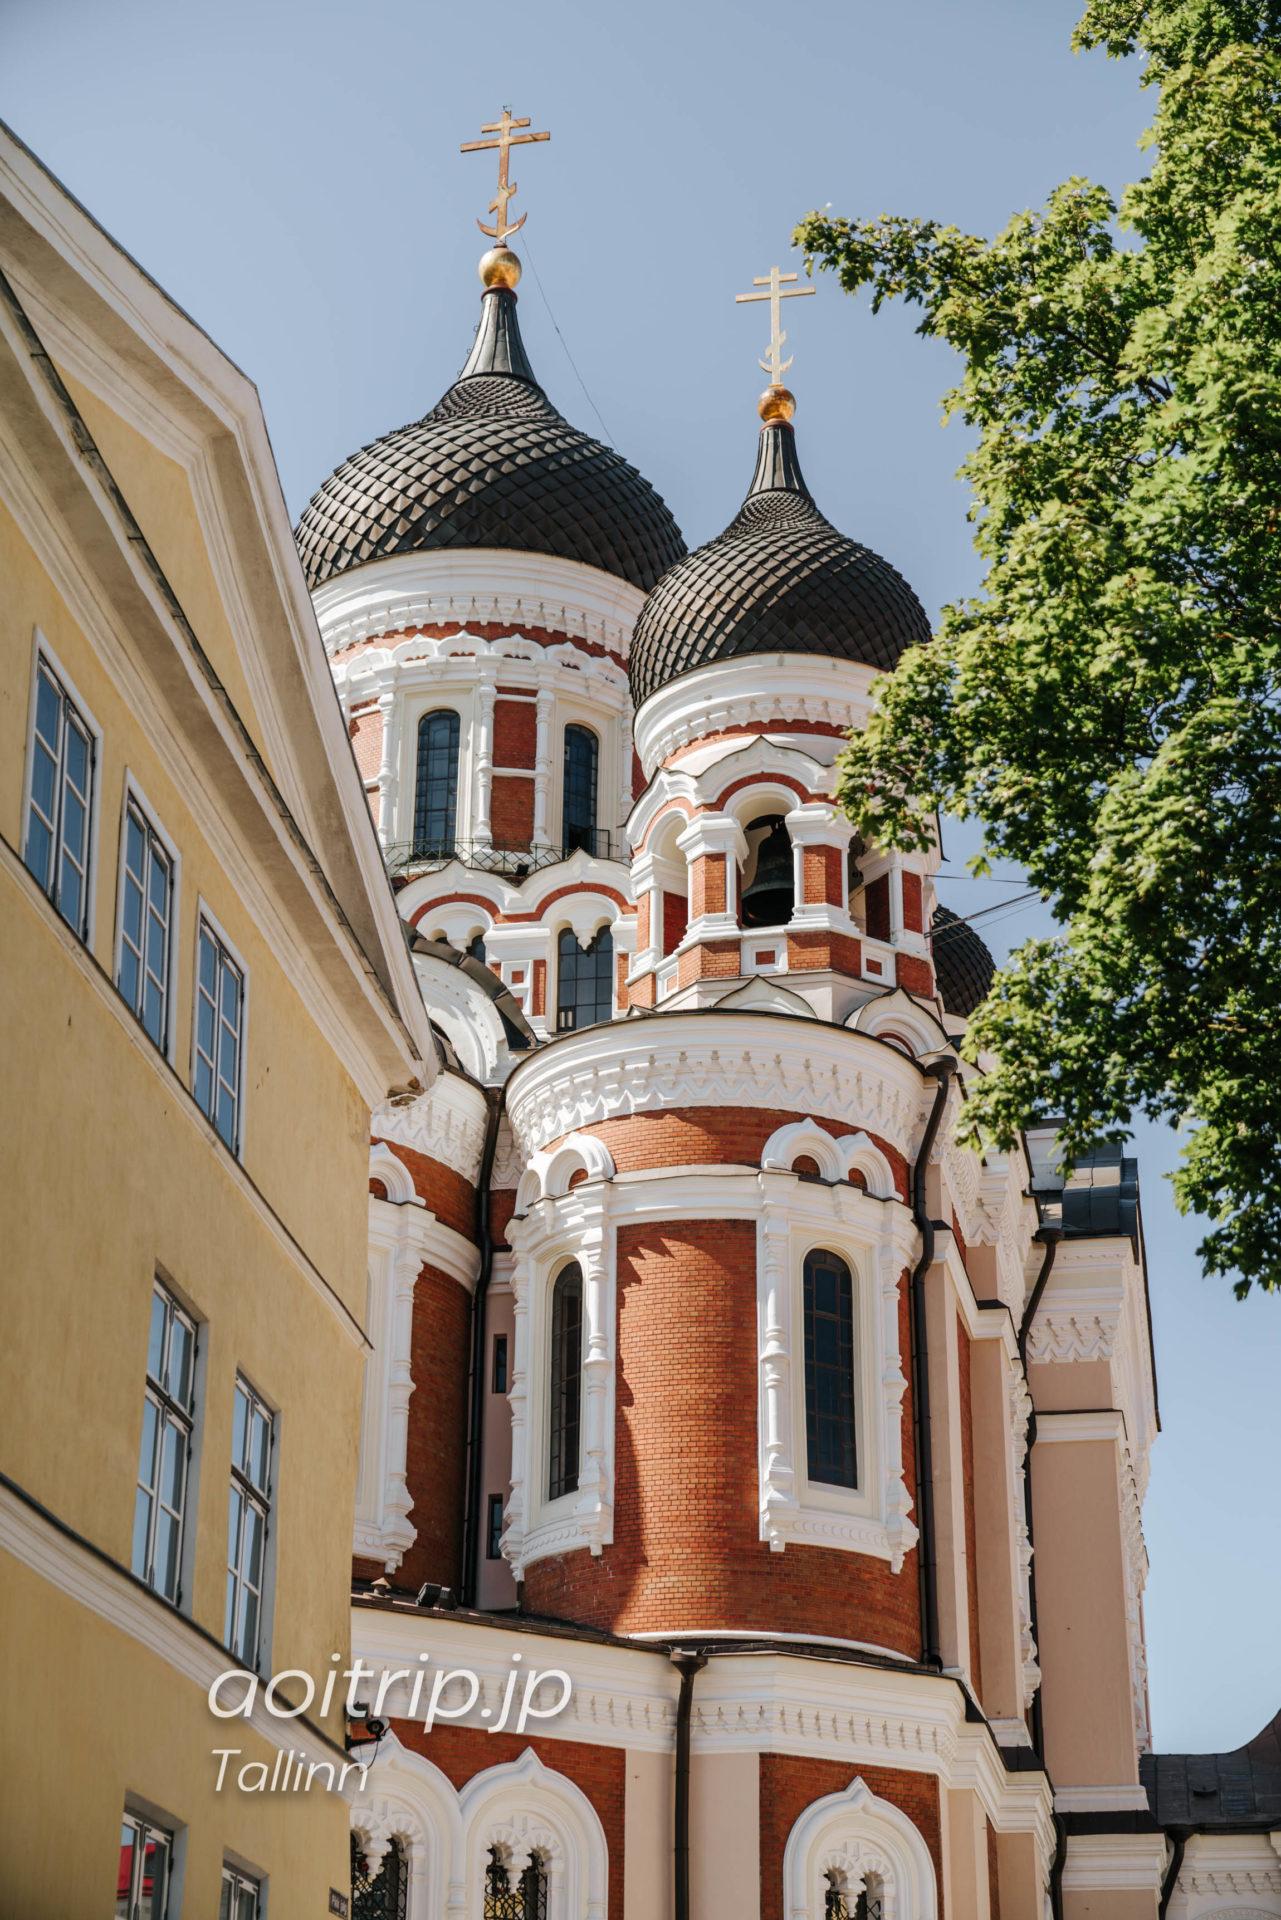 アレクサンドル ネフスキー大聖堂